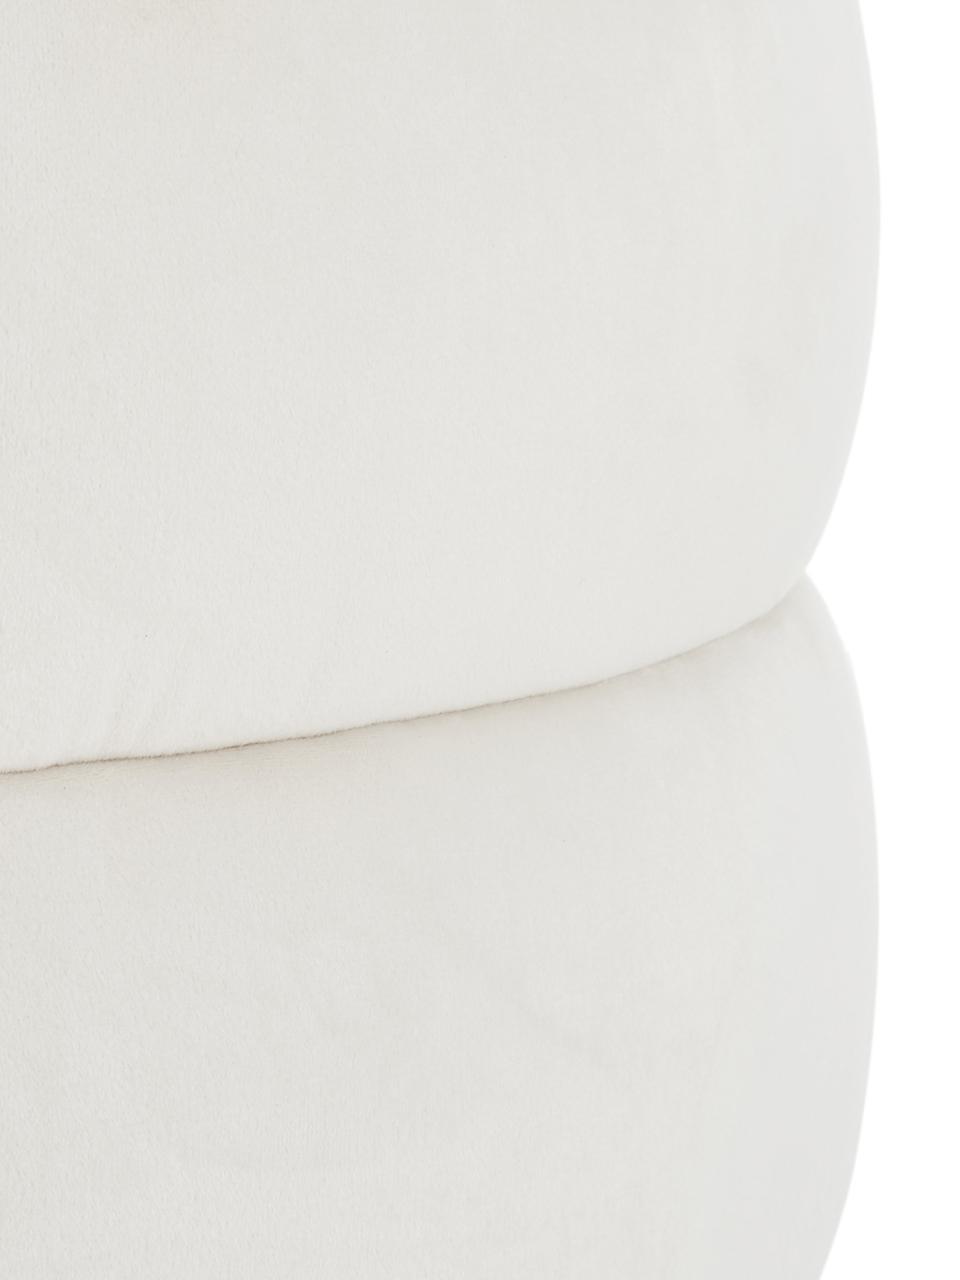 Puf z aksamitu Alto, Tapicerka: aksamit (poliester) Dzięk, Stelaż: lite drewno sosnowe, skle, Kremowobiały, Ø 42 x W 47 cm